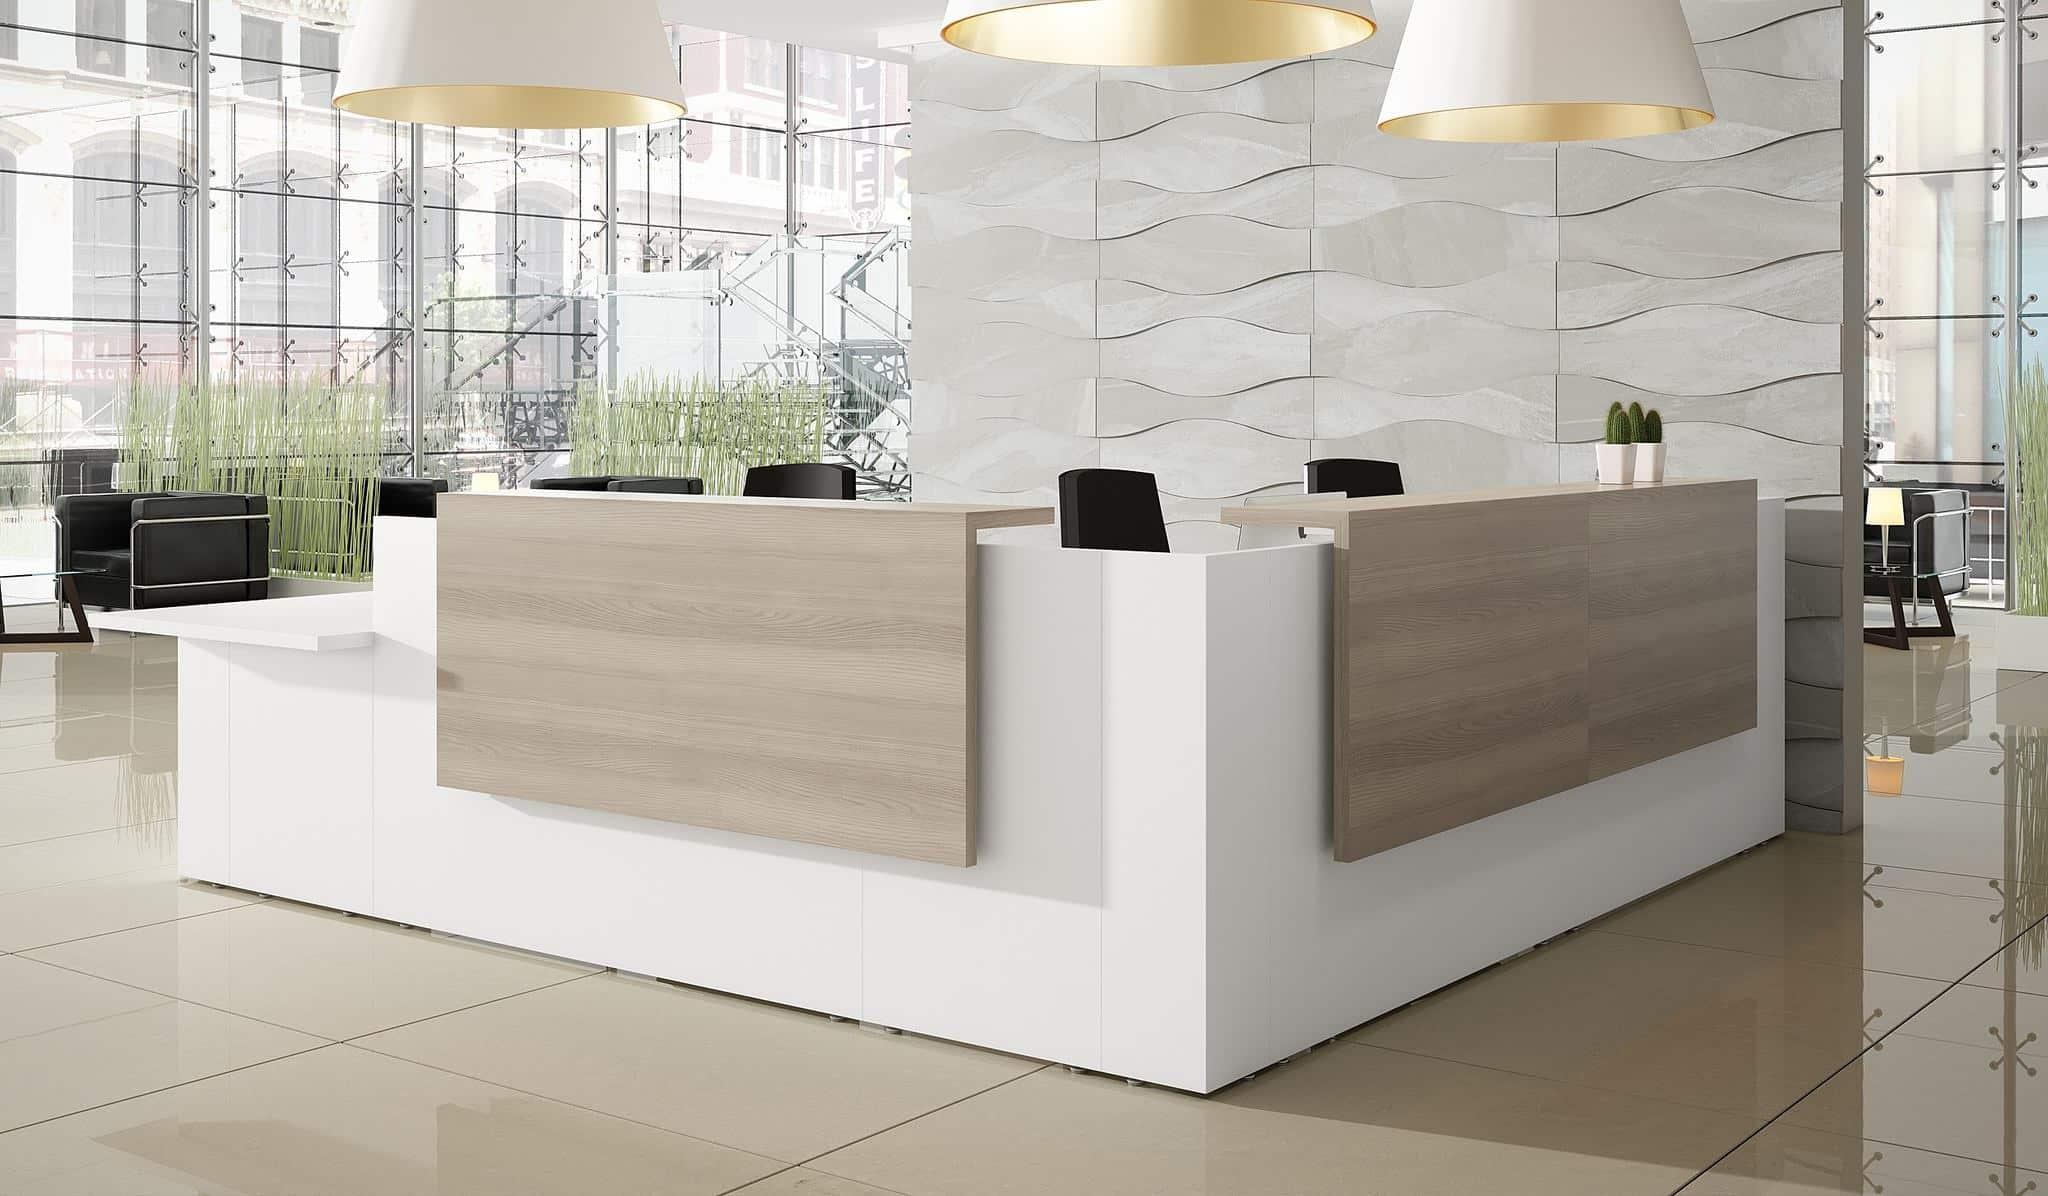 Subalterno ayuntamiento paracuellos del jarama temario for Medidas de muebles de oficina pdf